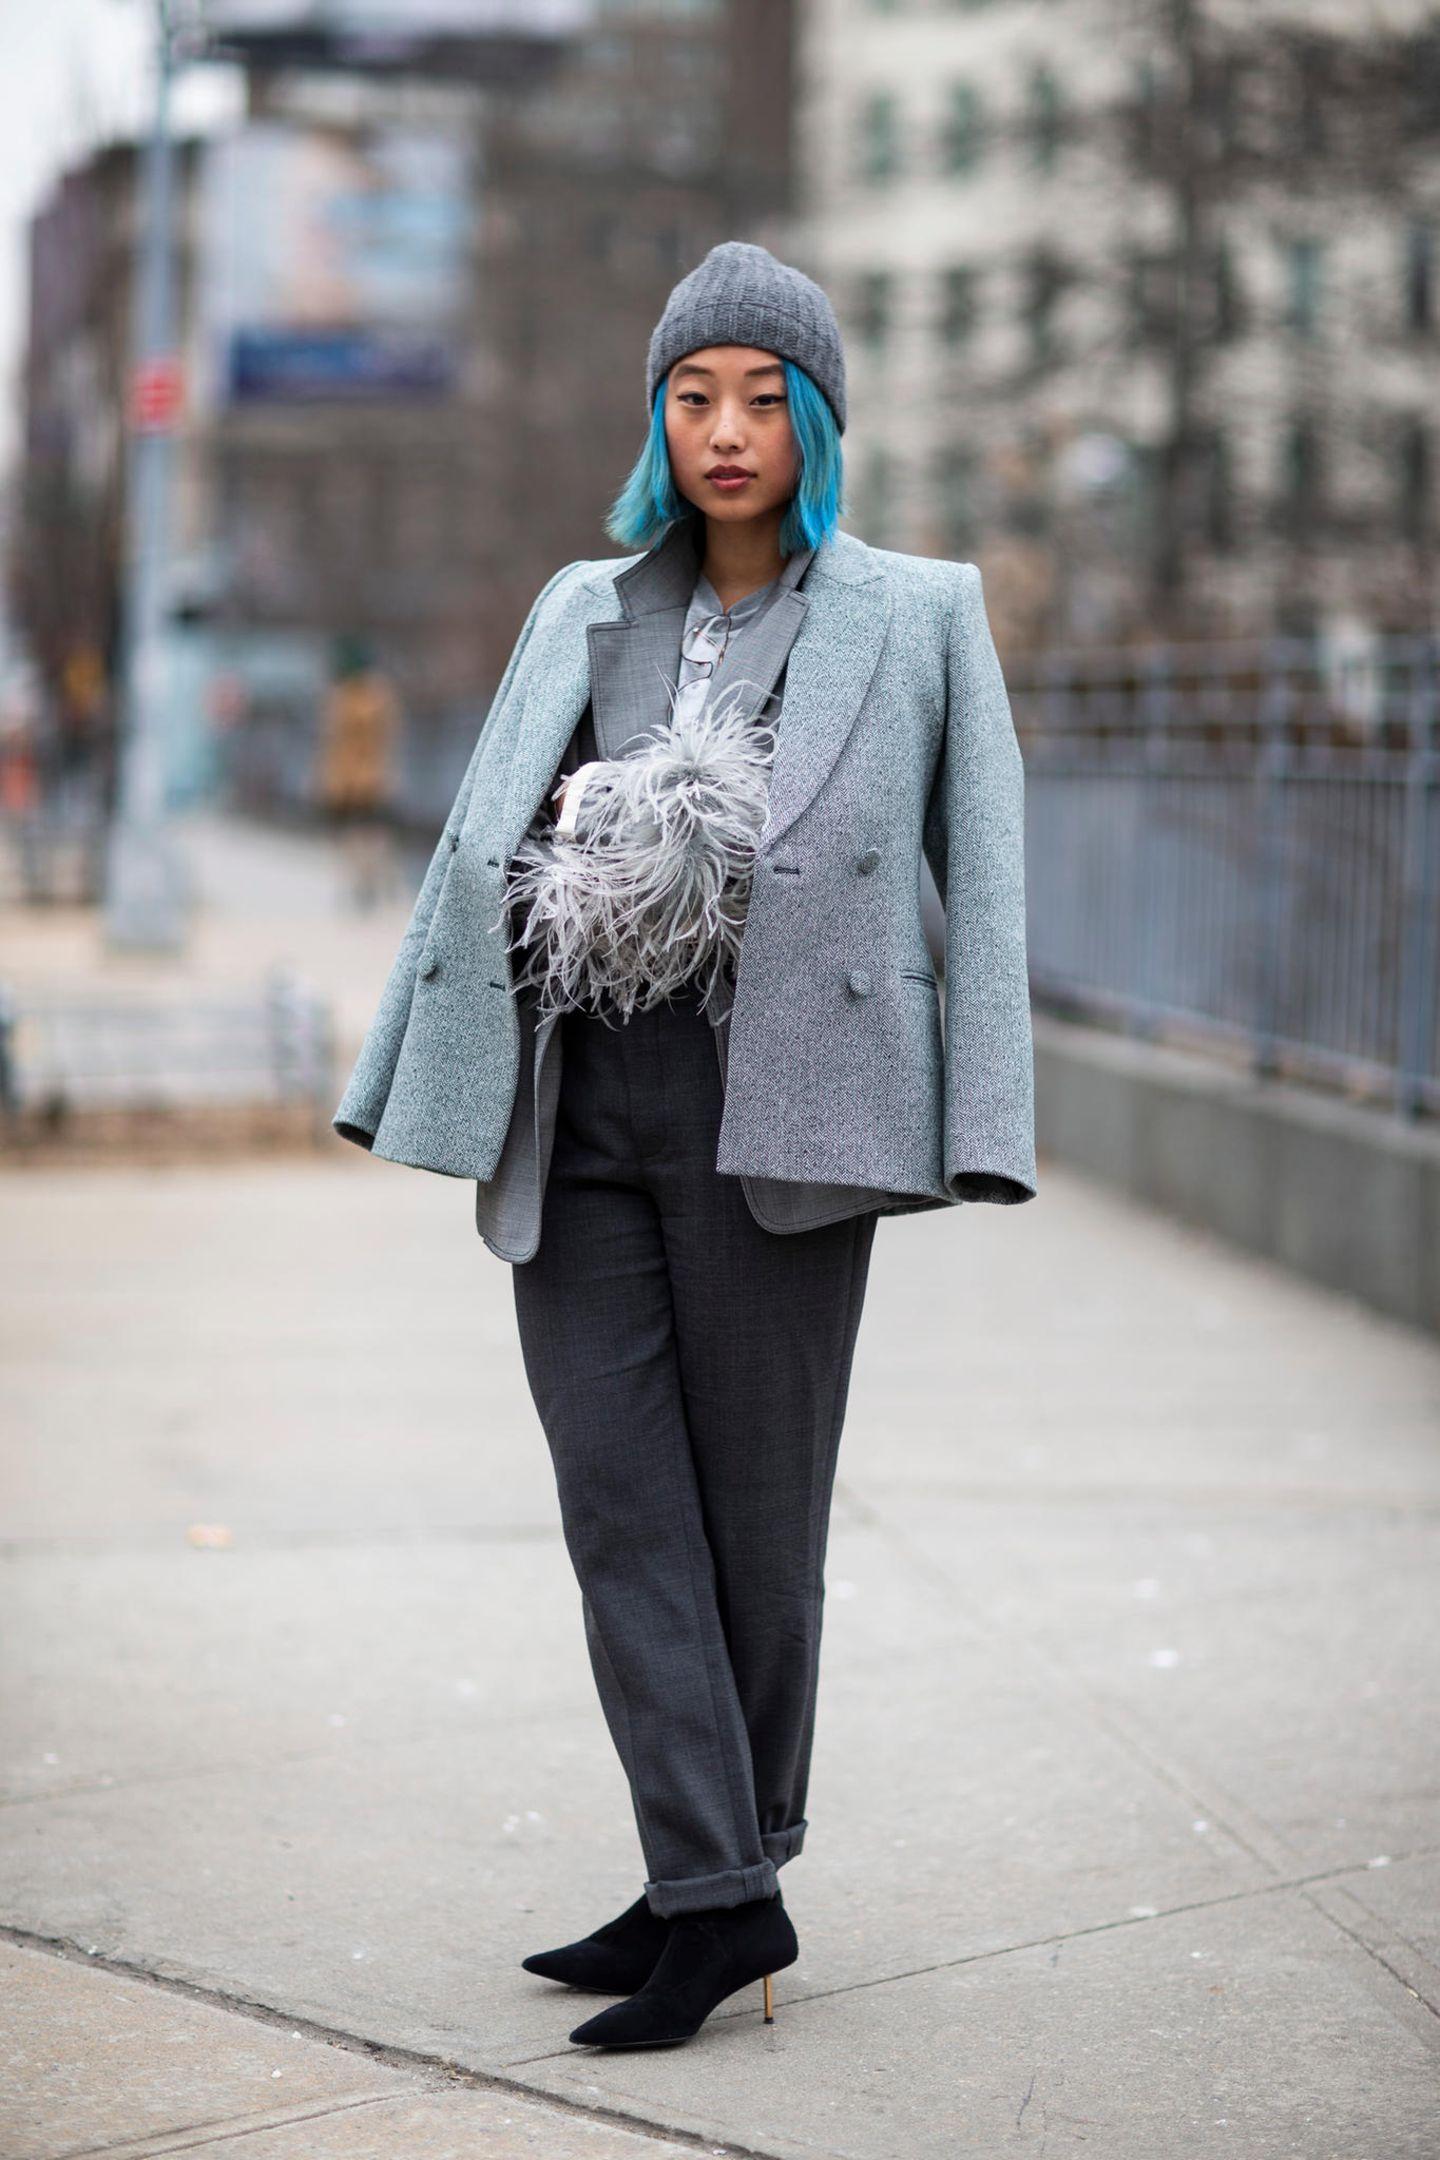 Winter-Frisuren: Frau mit lauen Haaren und Mütze